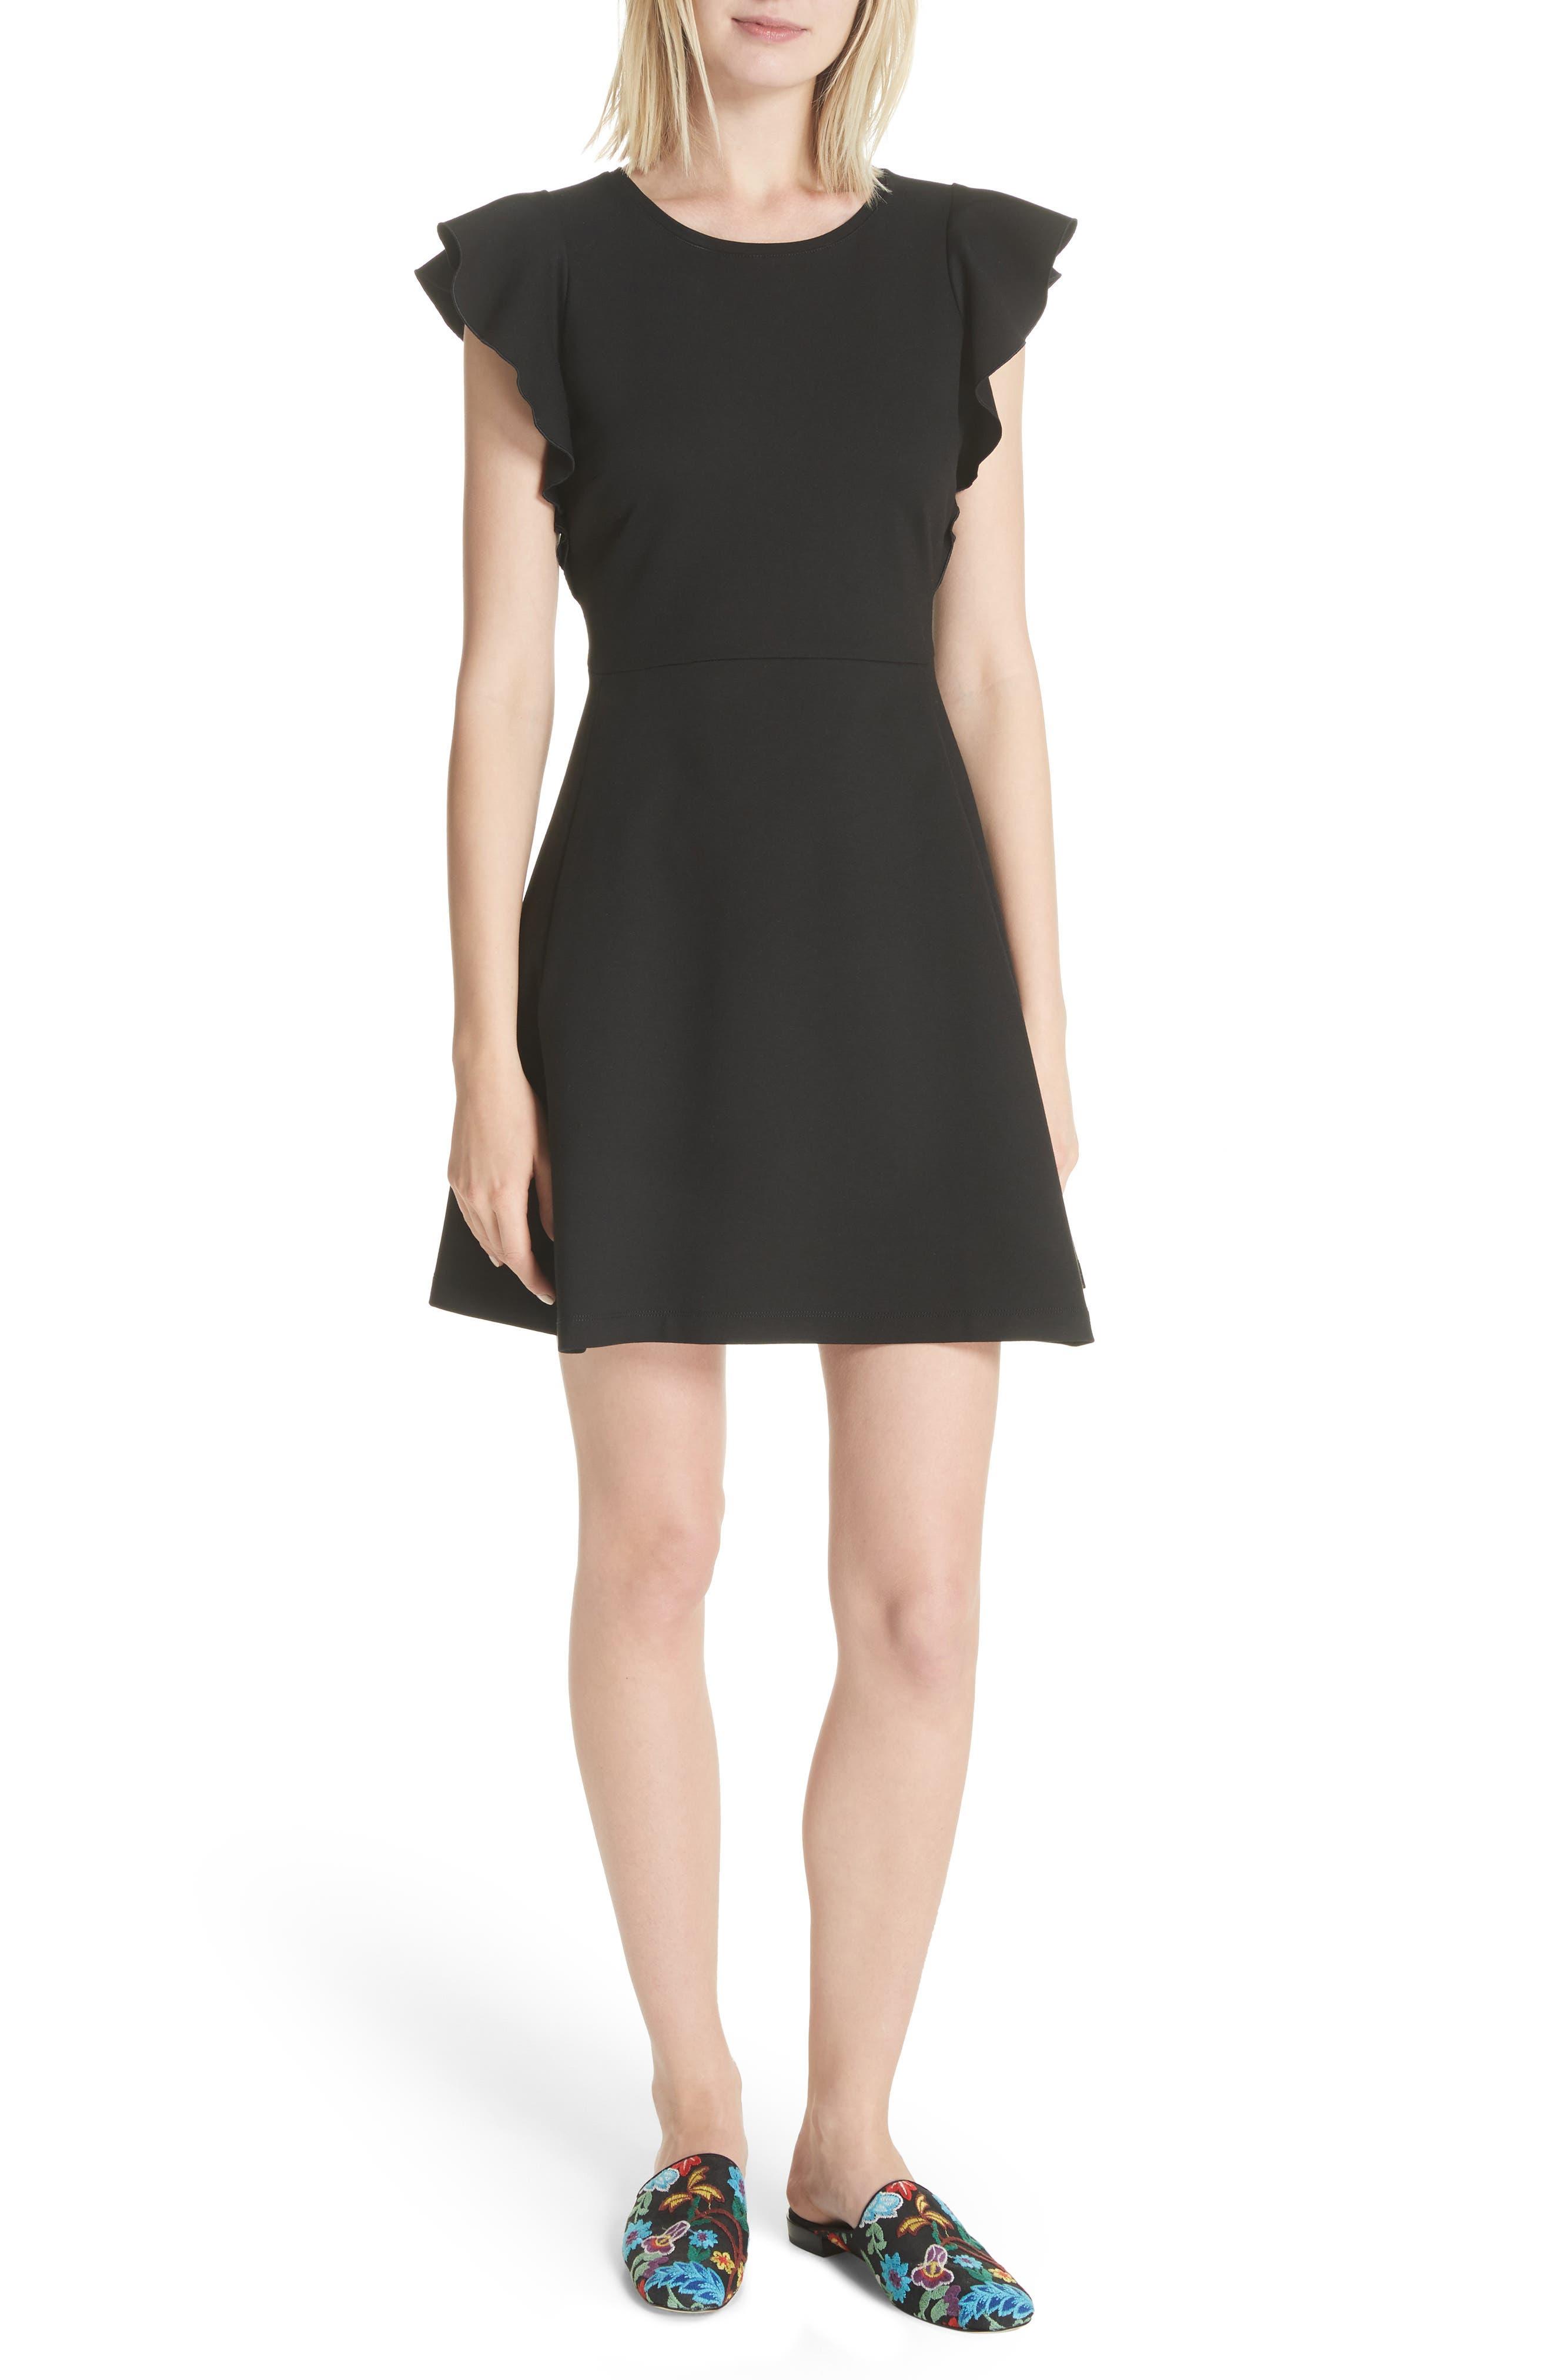 fluttter sleeve ponte knit dress,                         Main,                         color, Black